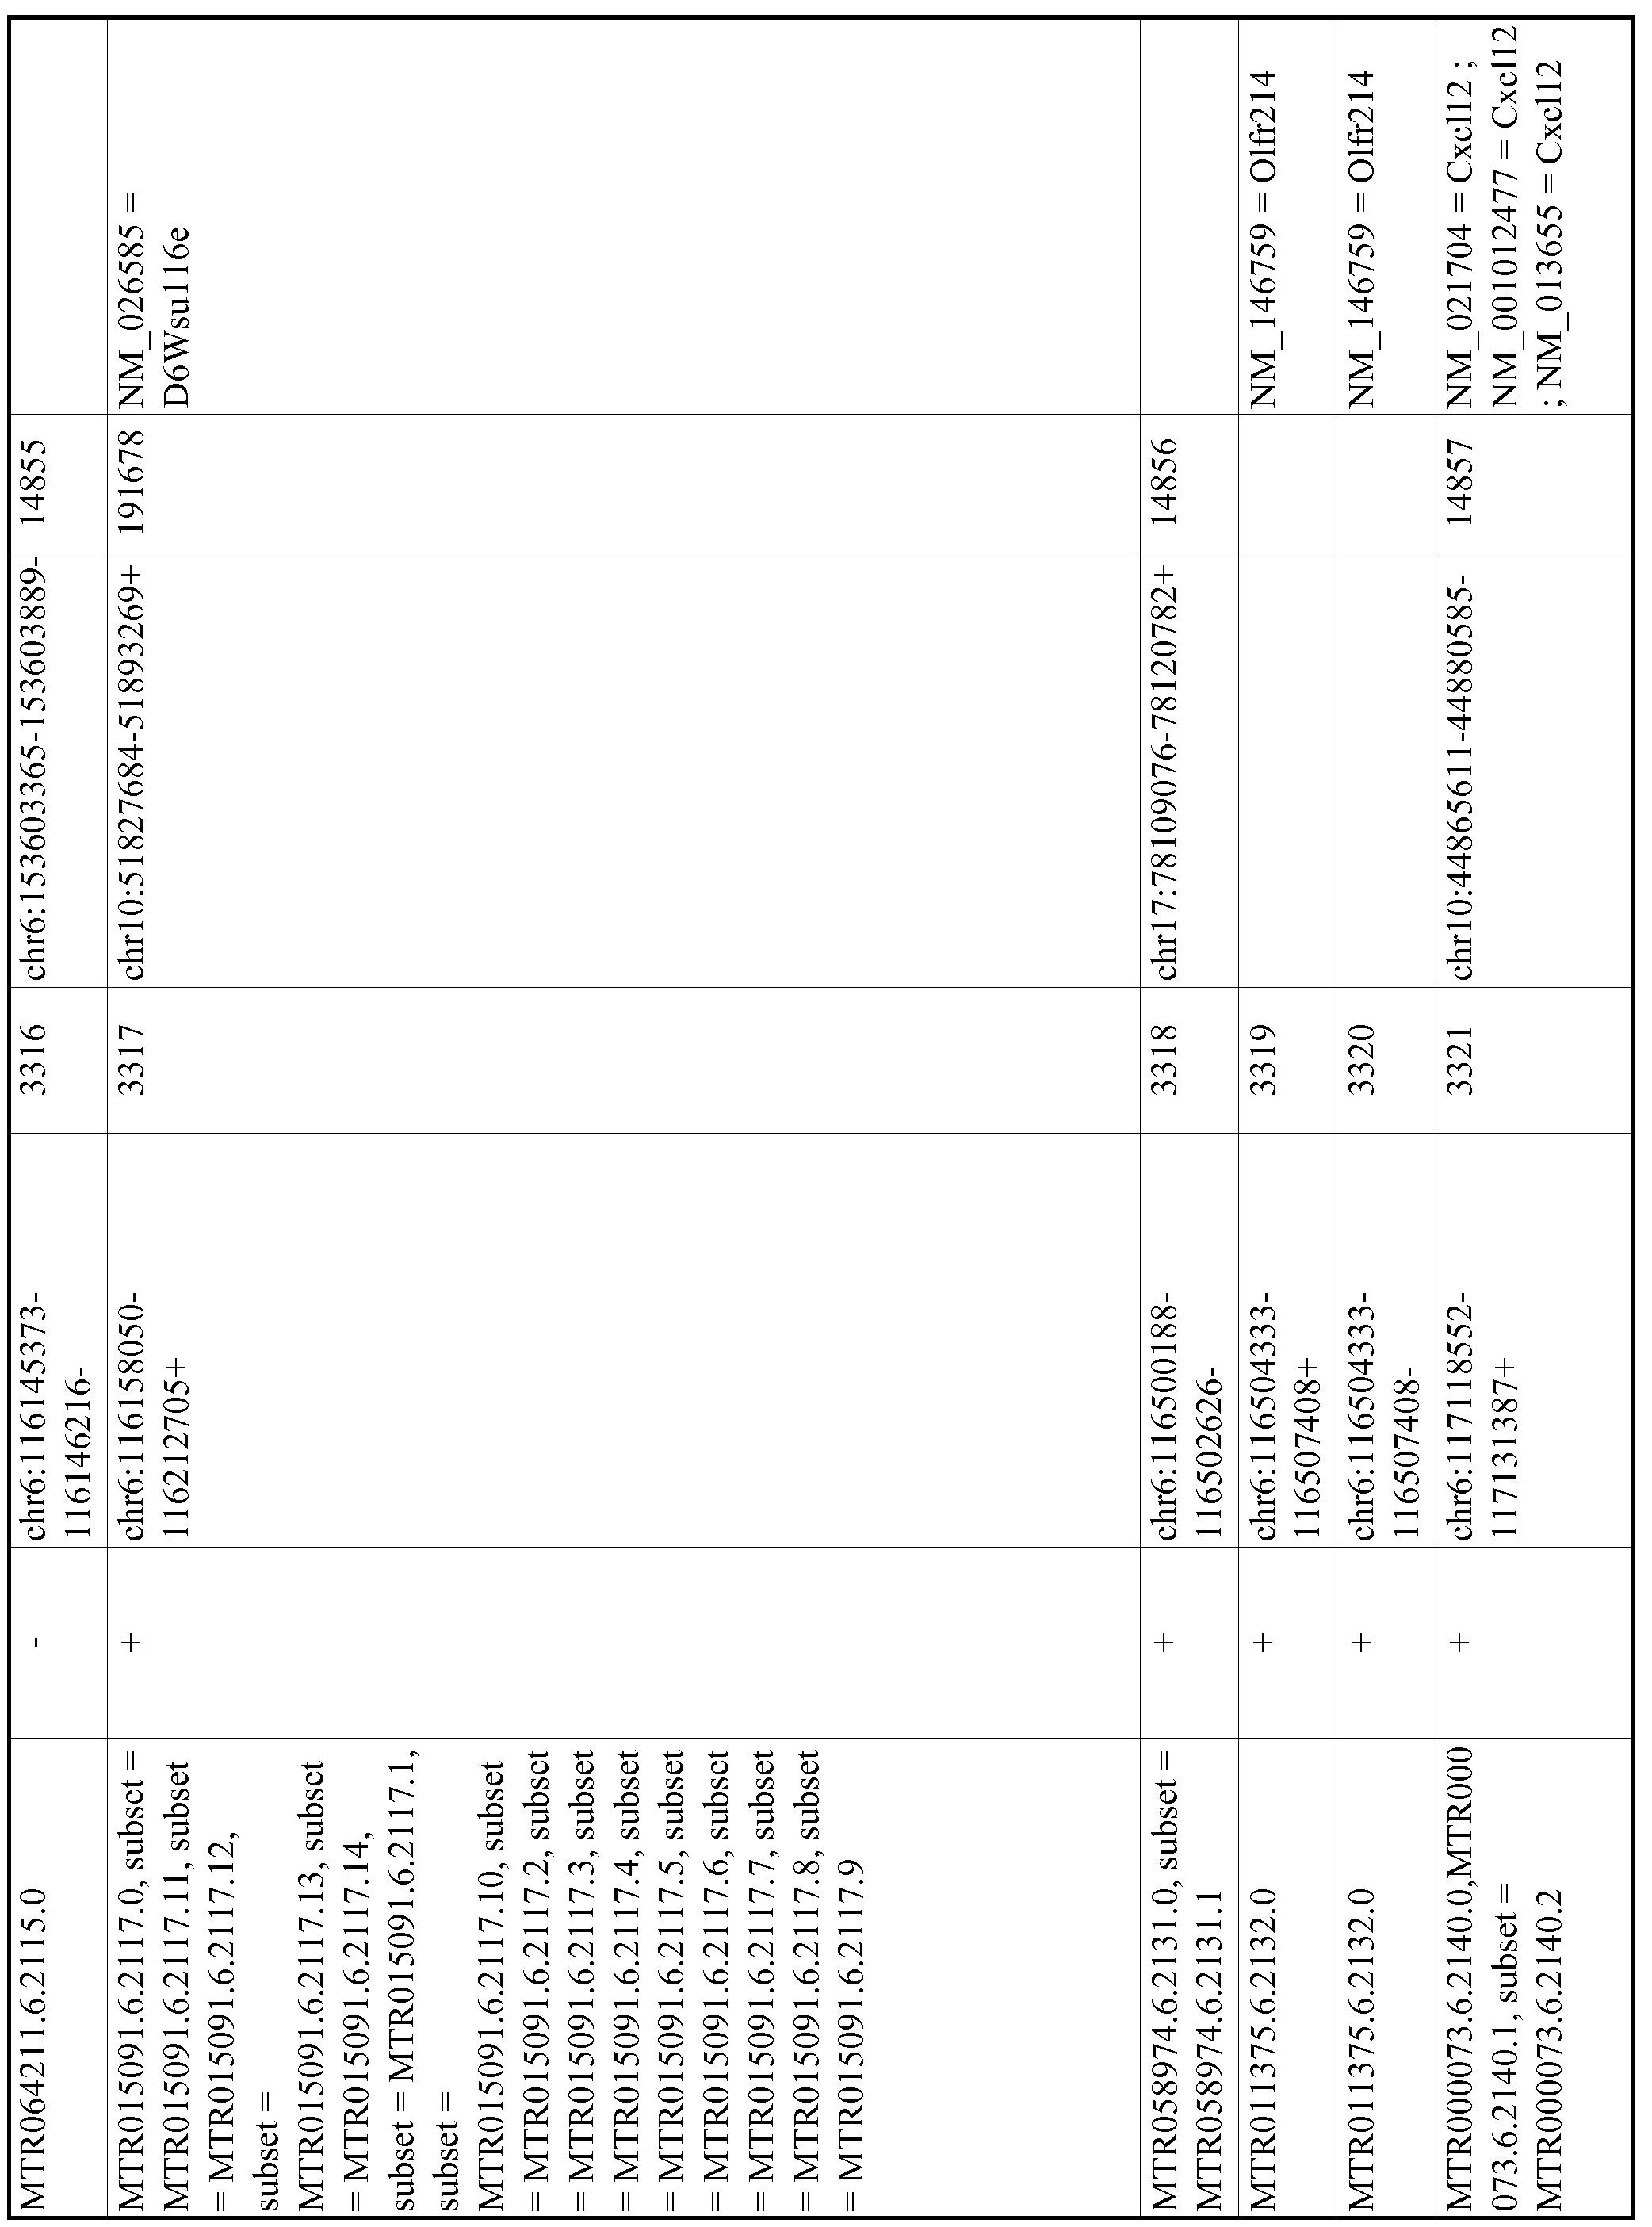 Figure imgf000657_0001